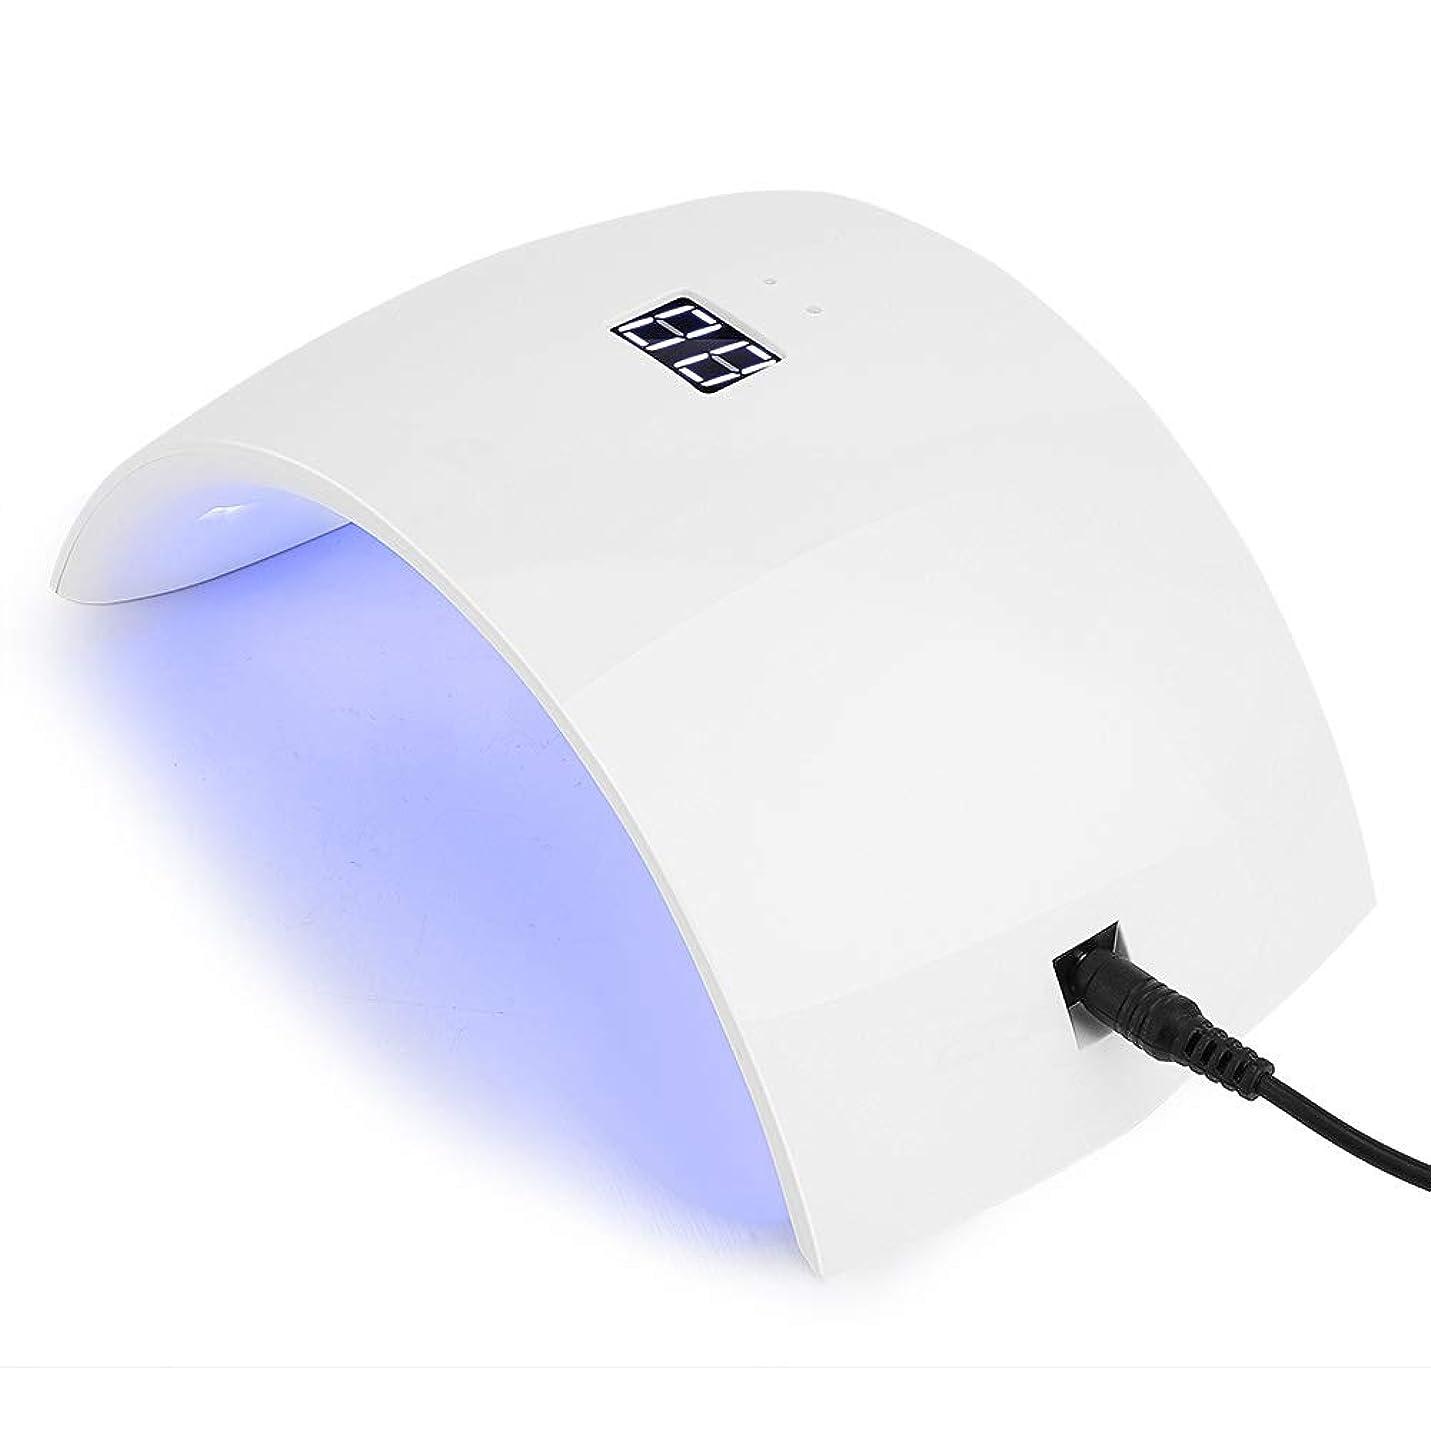 ポータブル強制艶紫外線LEDネイルランプ 24Wネイルドライヤー12光 自動センサー タイマー付き UV LEDネイルランプ 硬化ネイルアートツール硬化マニキュアusb充電(1)